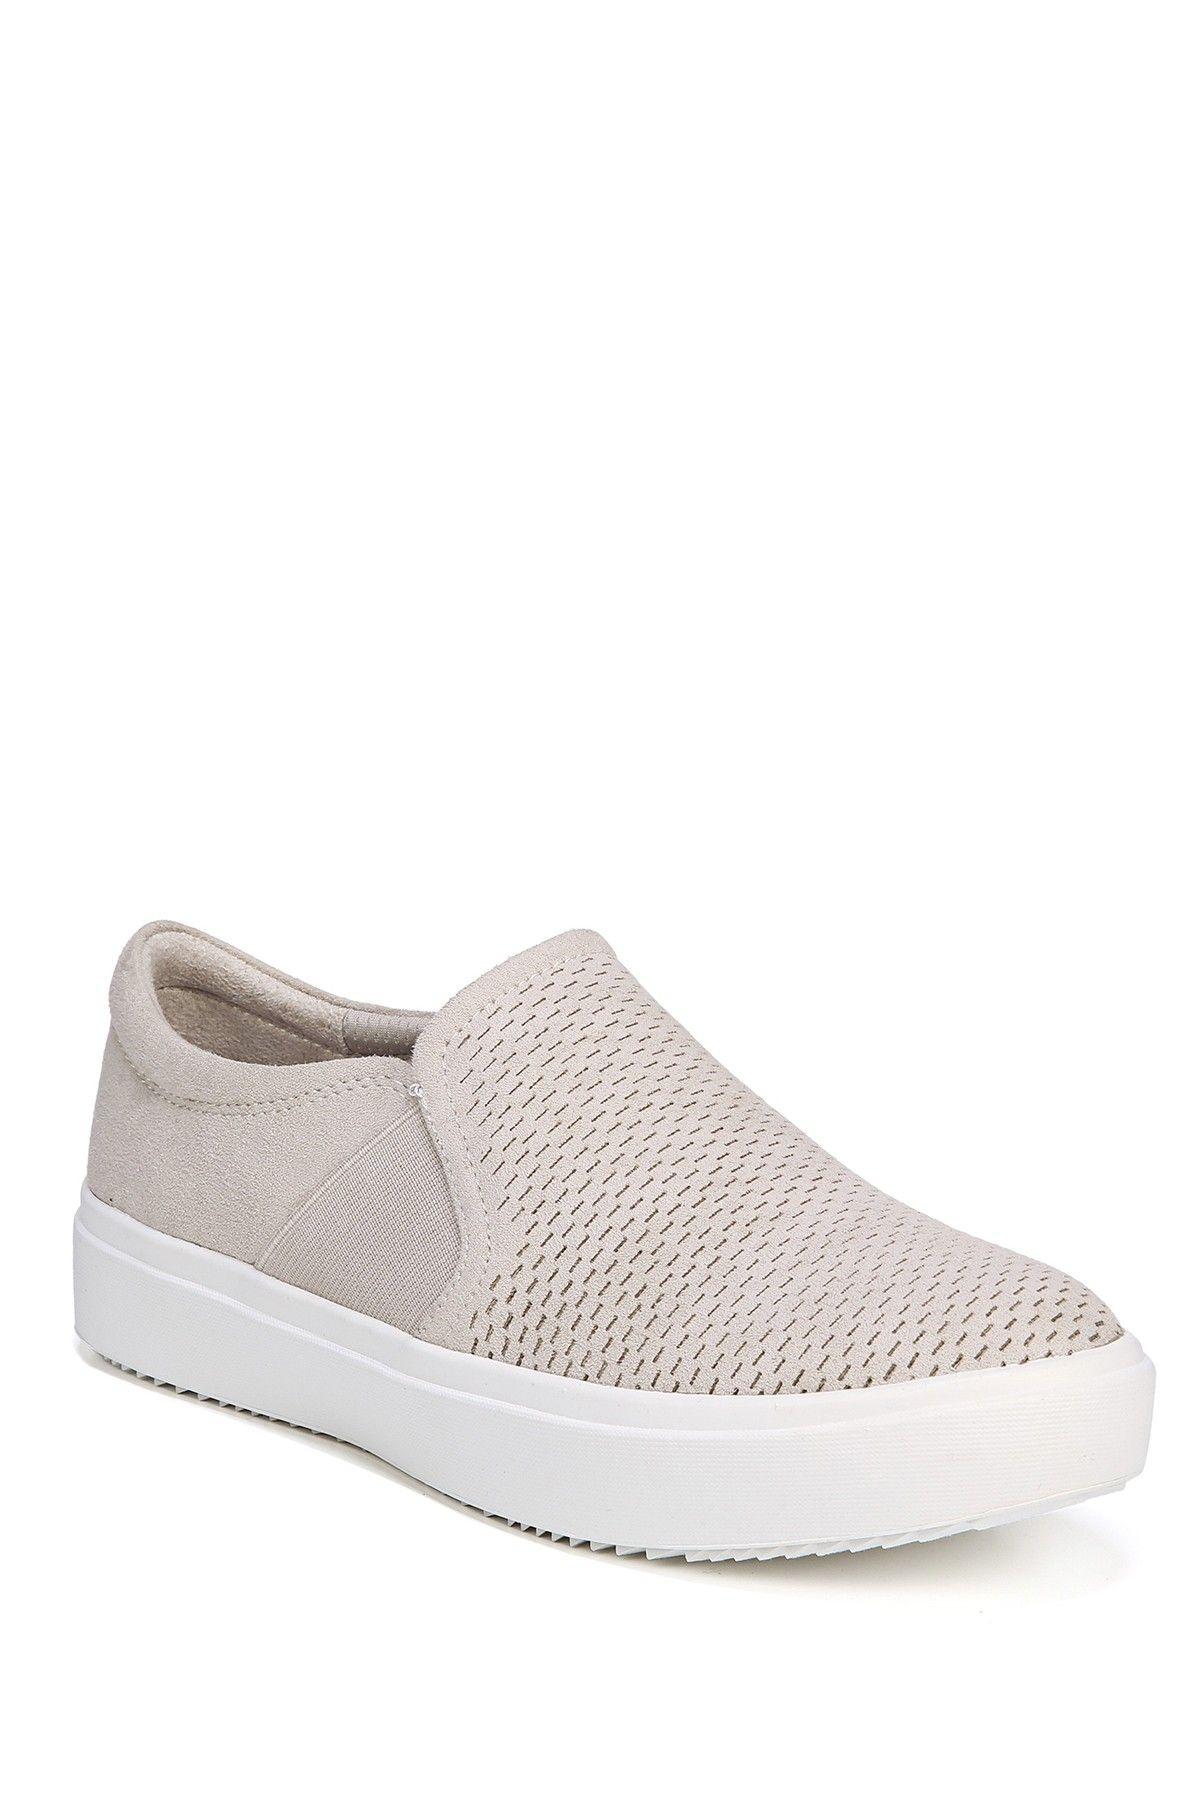 Slip on sneaker, Work shoes women